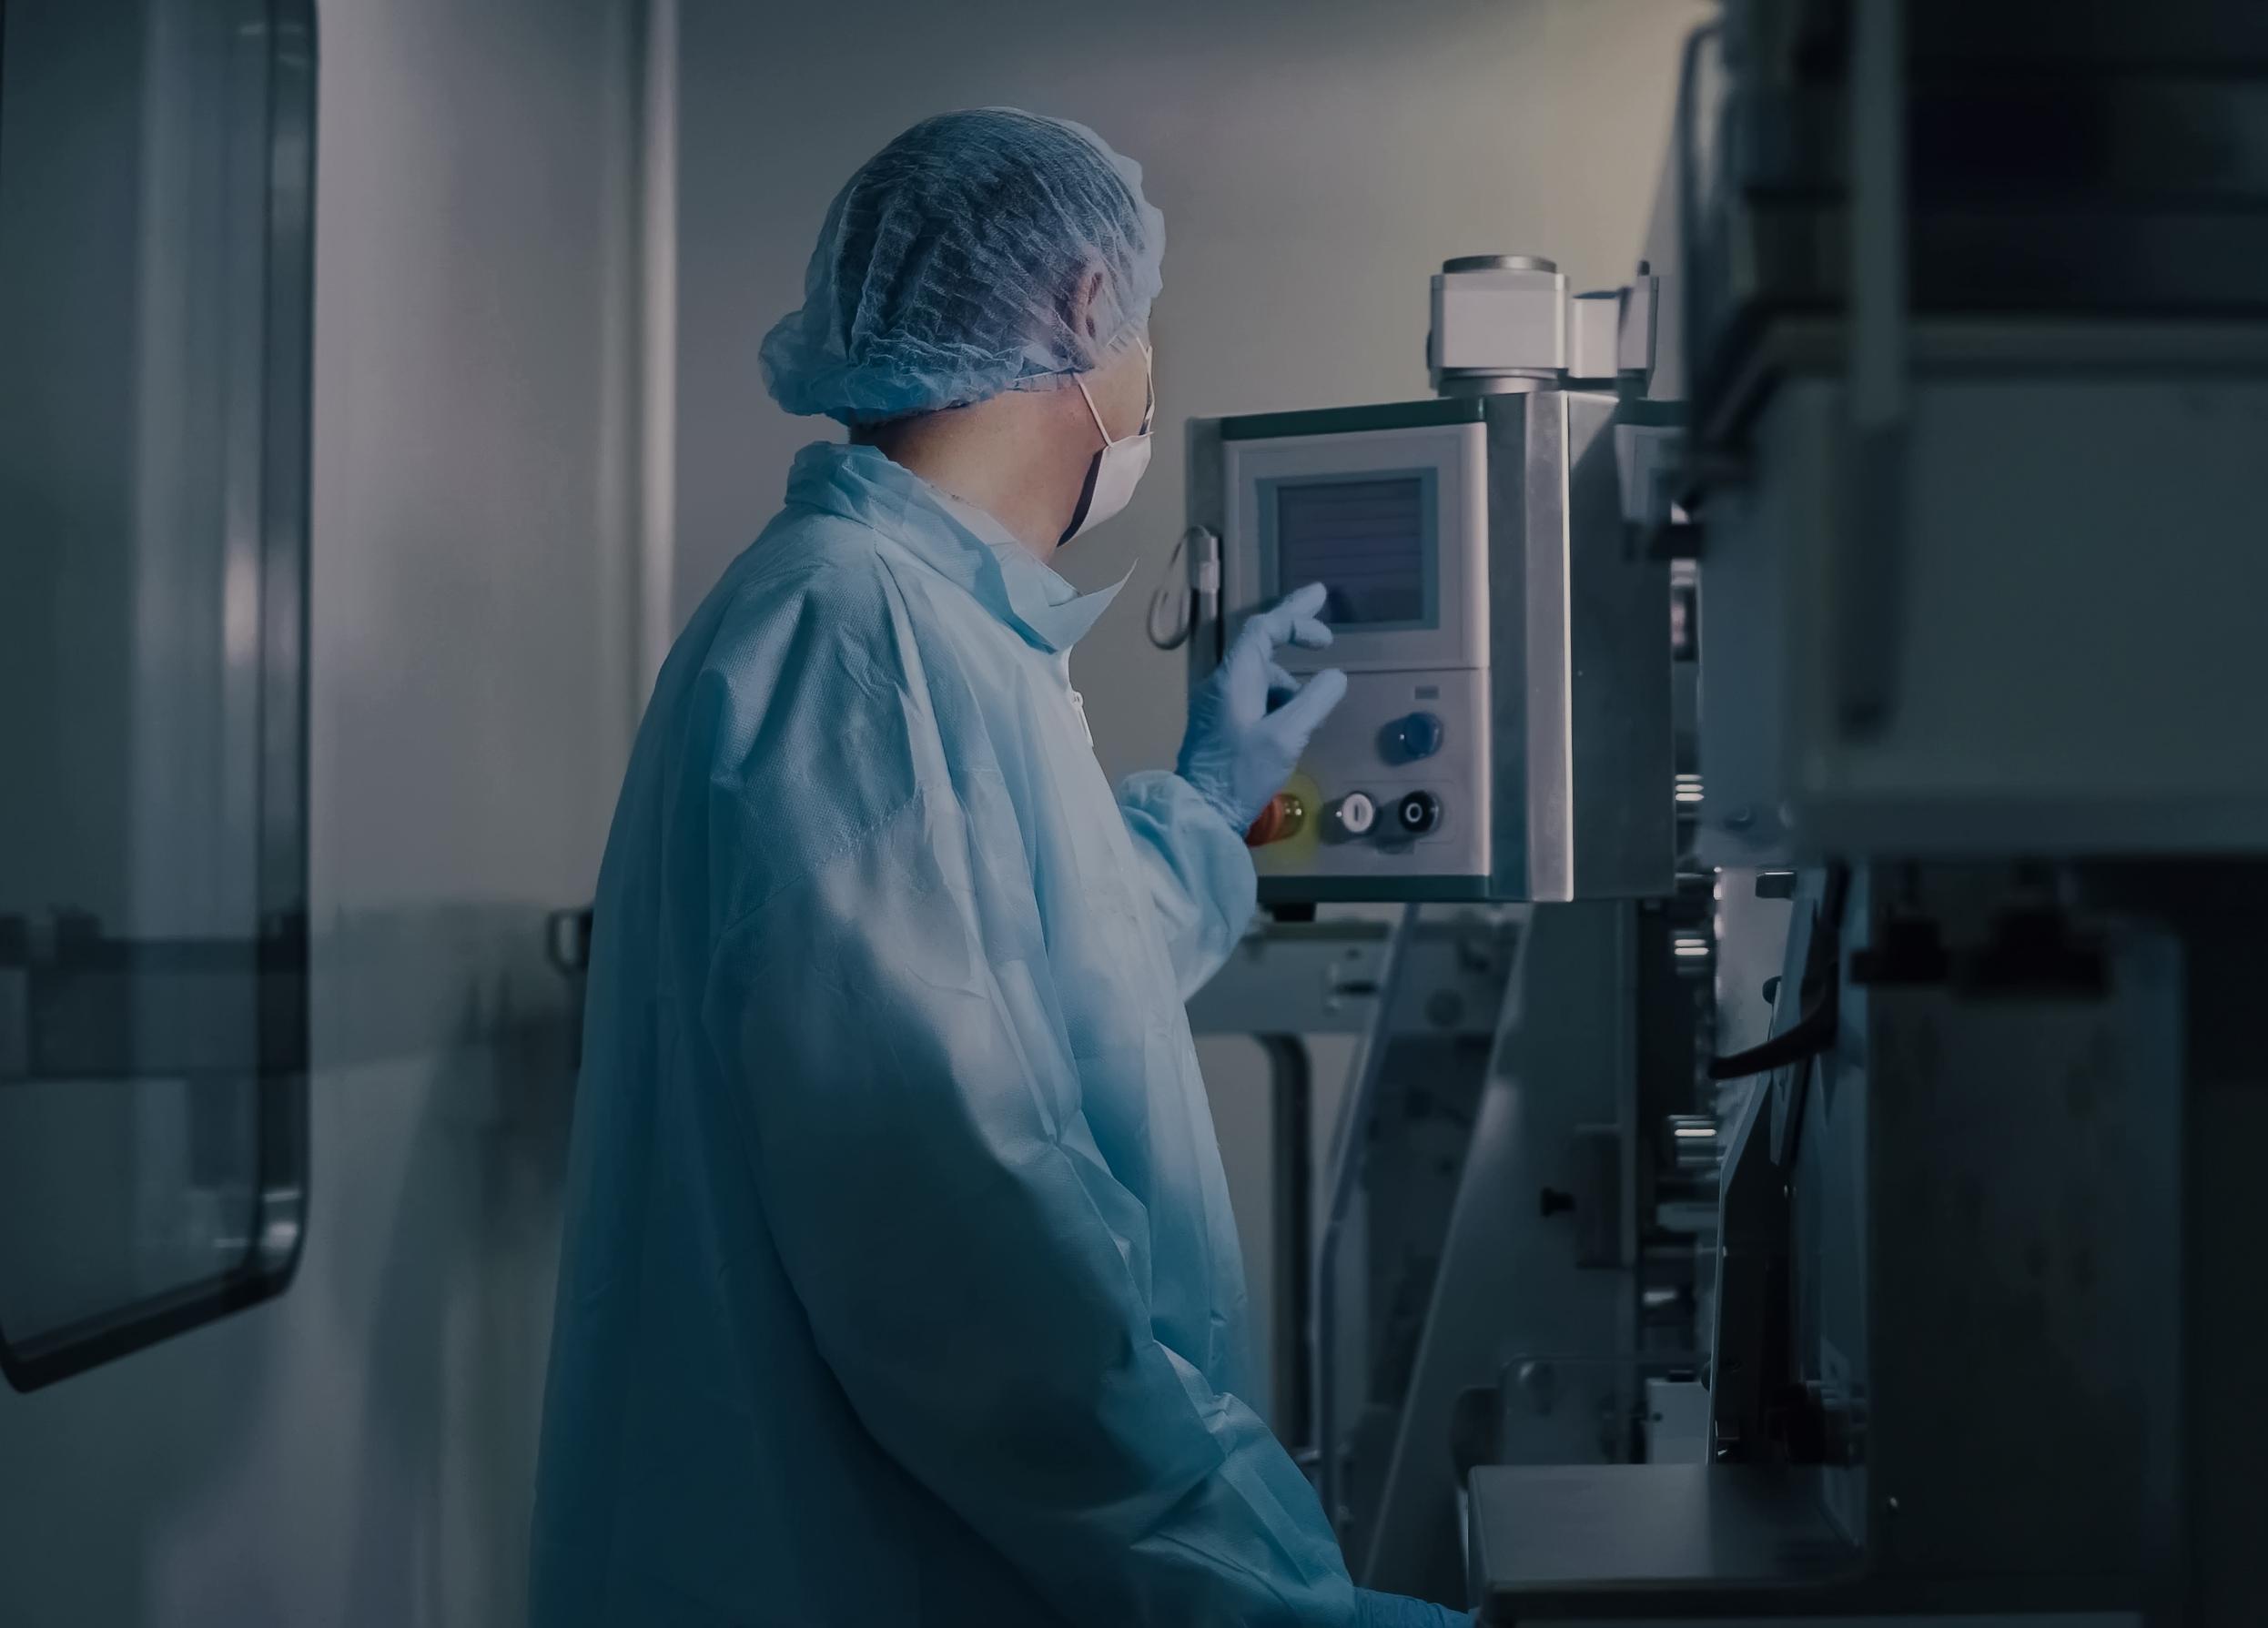 Fabrication_Pharmaceutique_Interchim_0320